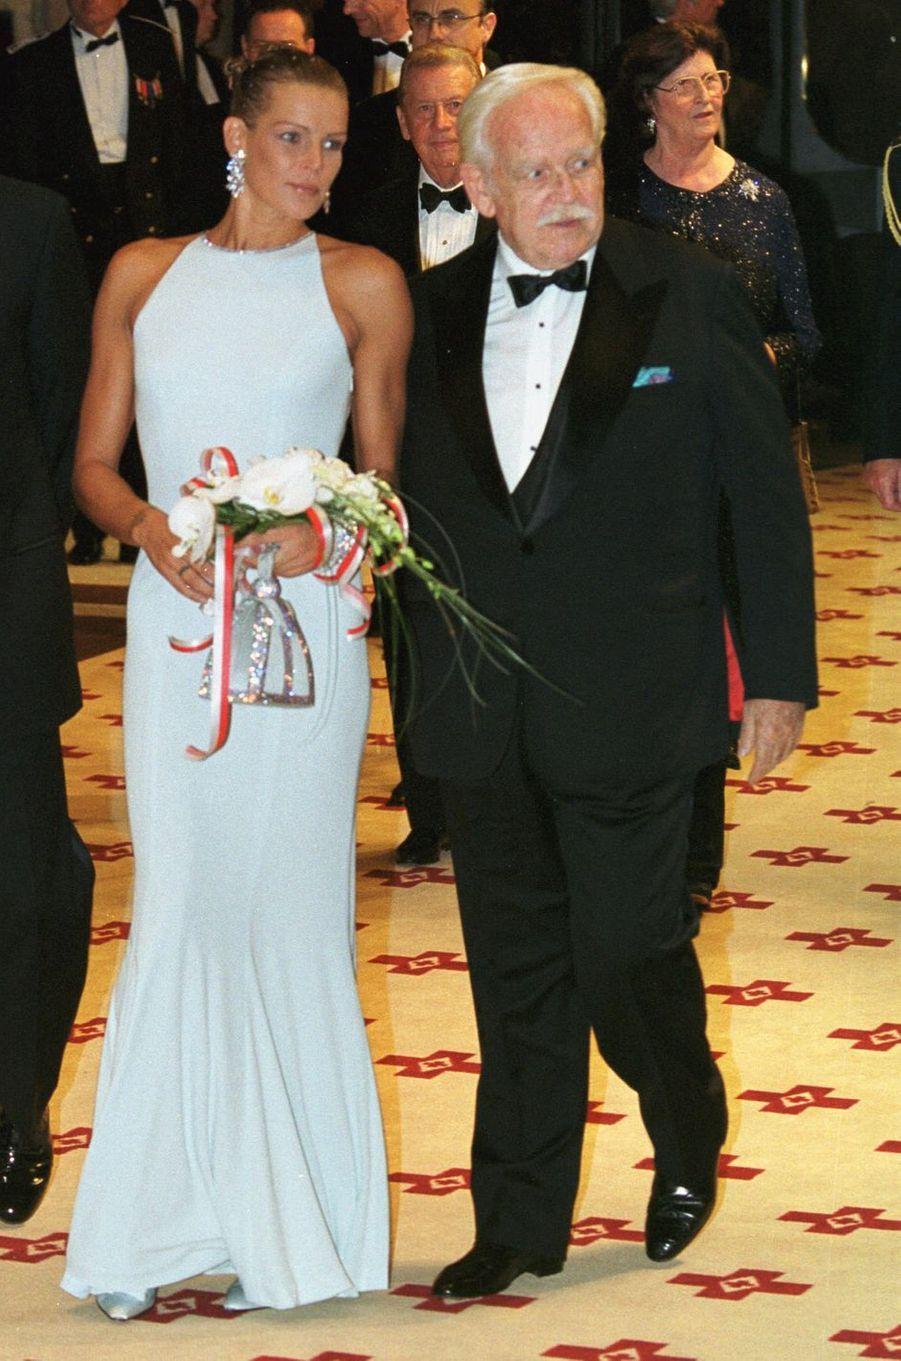 La princesse Stéphanie de Monaco au bal de la Croix-Rouge en août 1999